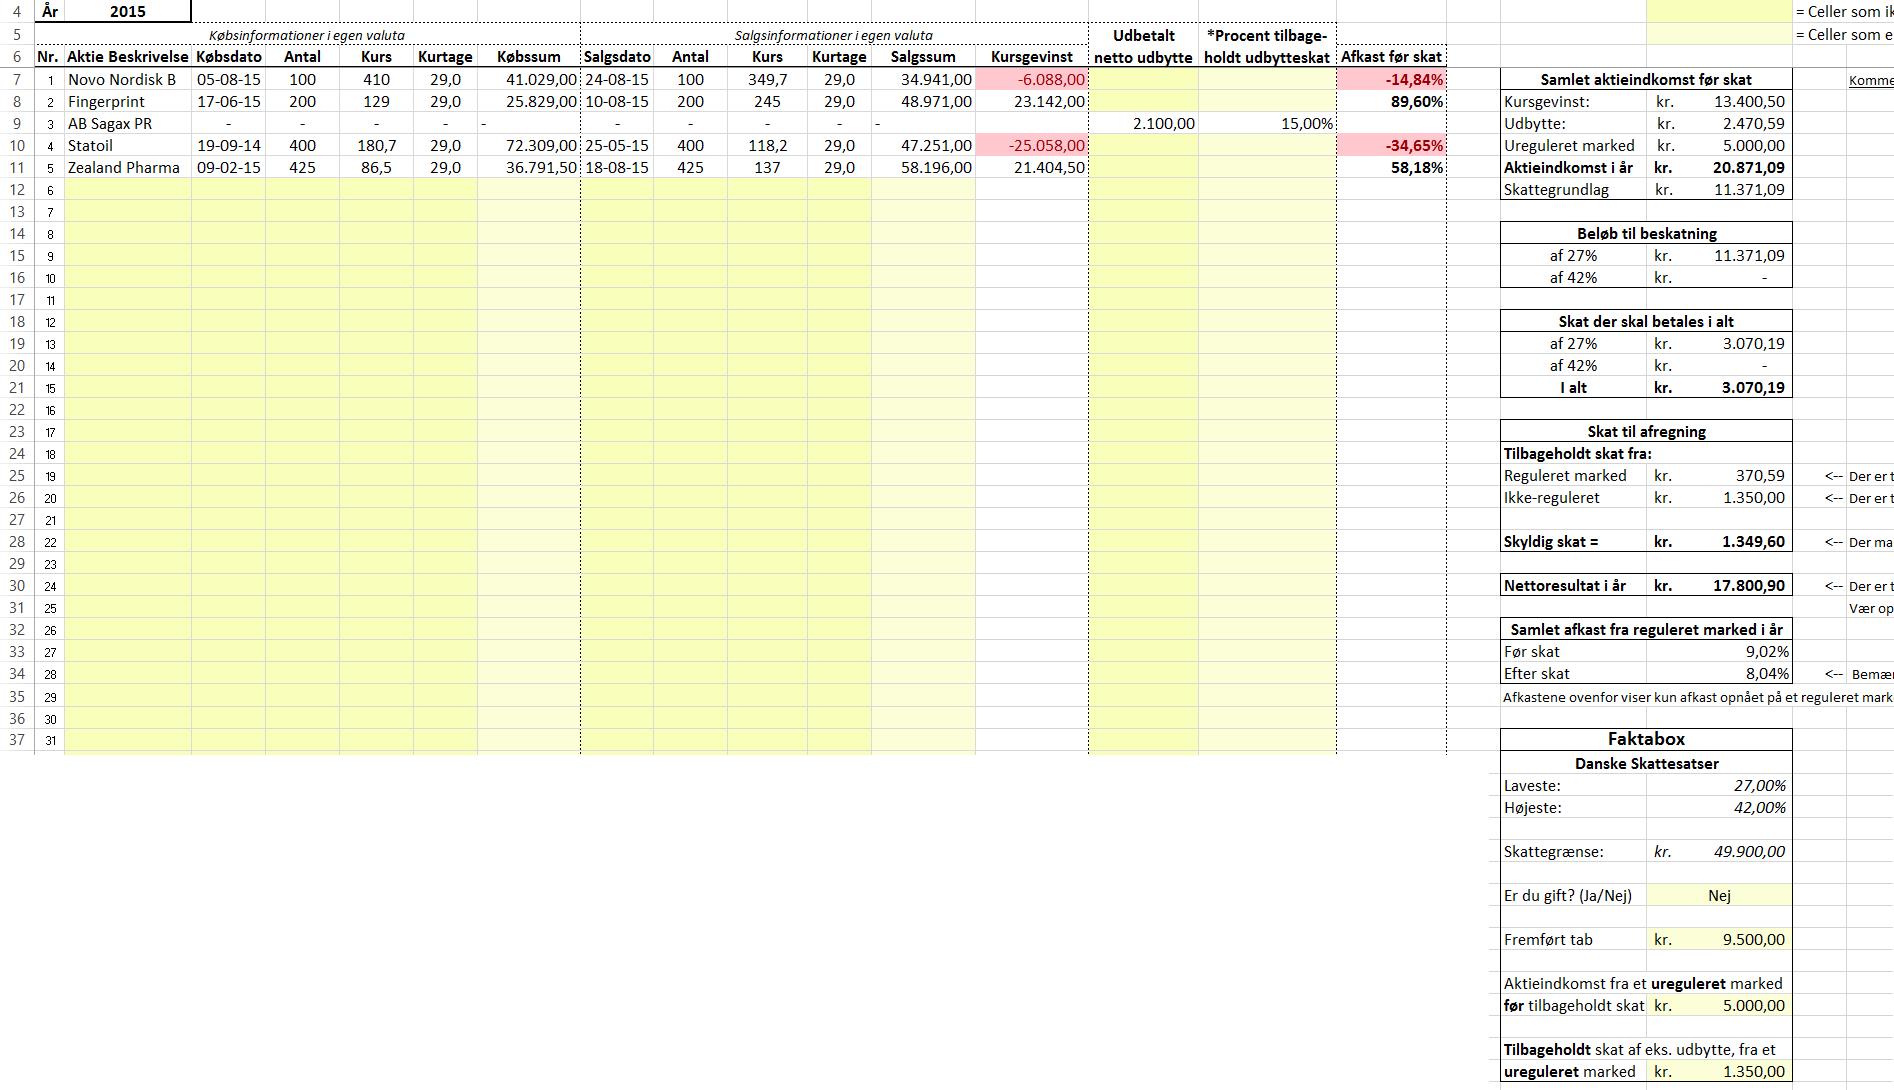 Aktiebeskatning - Eksempel med fire aktiehandler og ét udbytte med gevinst og tab samt fremført tab og aktieindkomst fra ureguleret marked